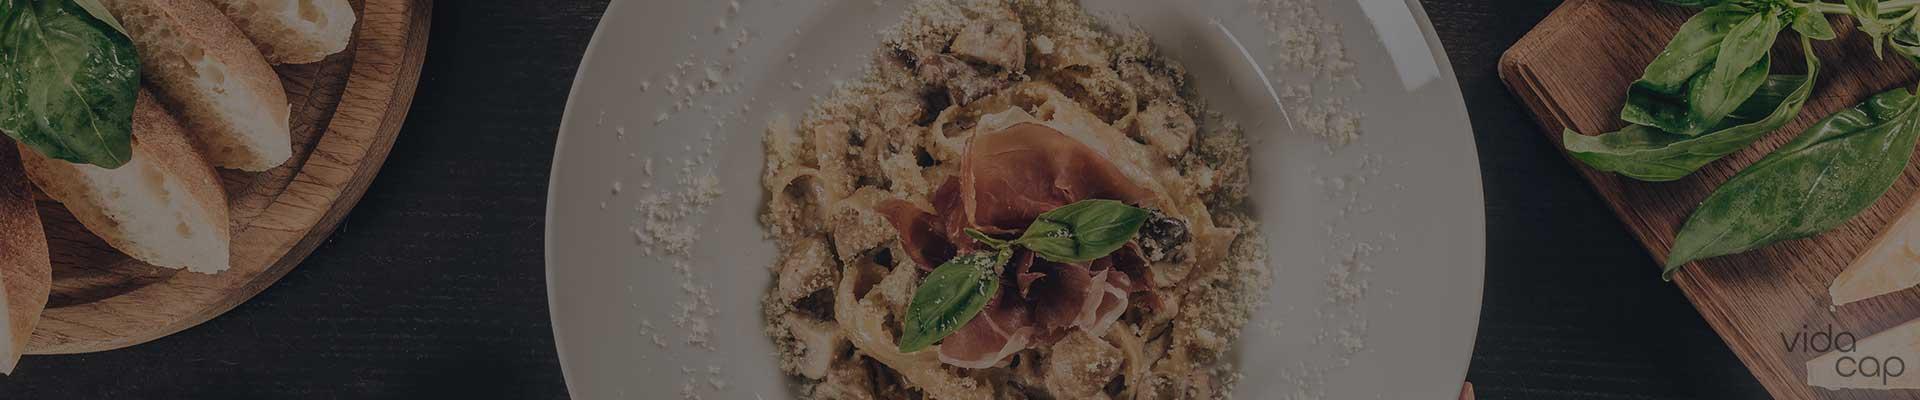 banner-lions-mane-mushroom-pasta-recipe